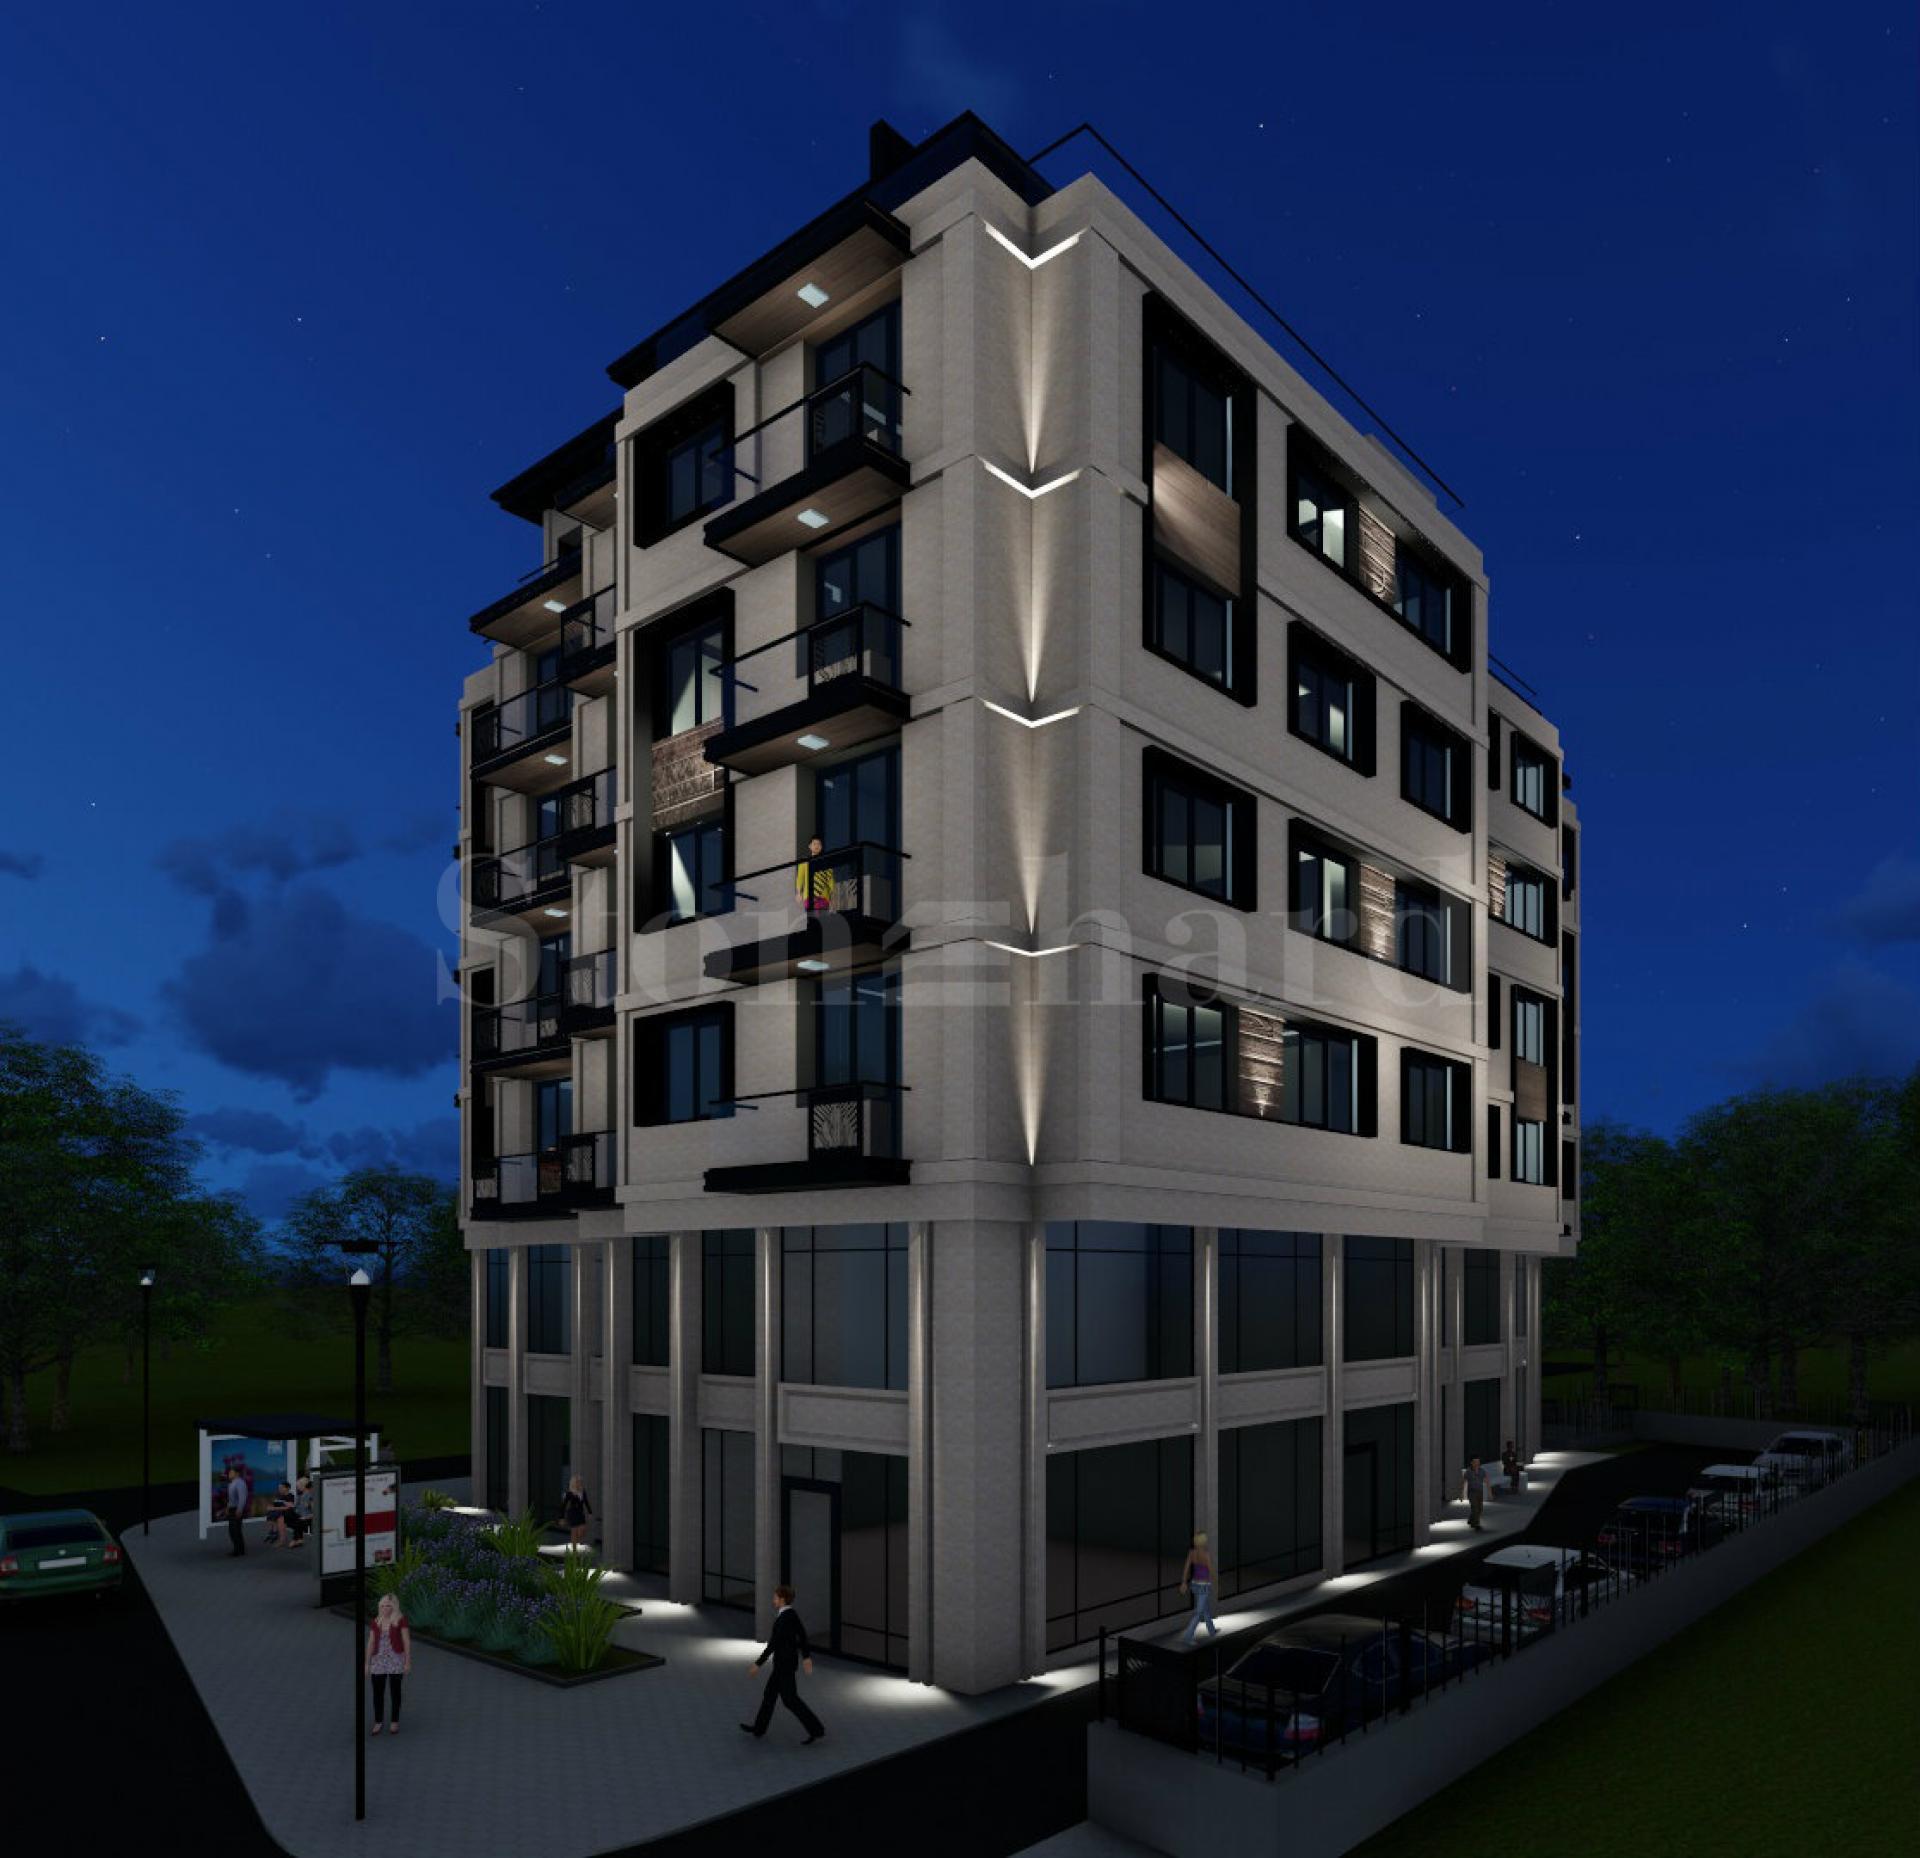 Апартаменти и търговски площи в предпочитан квартал2 - Stonehard